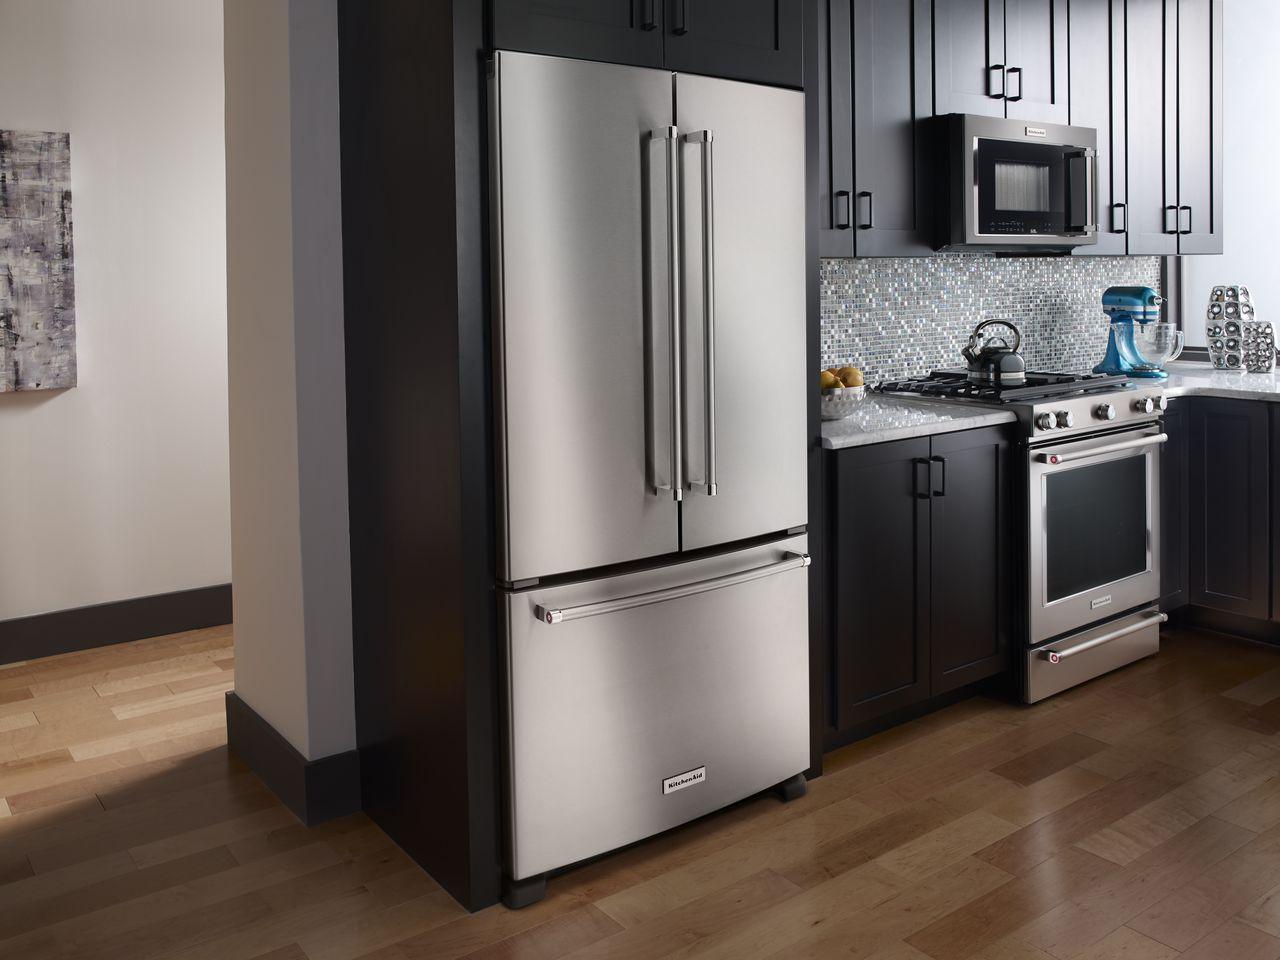 Kitchenaid Stainless French Door Refrigerator Krfc302ess